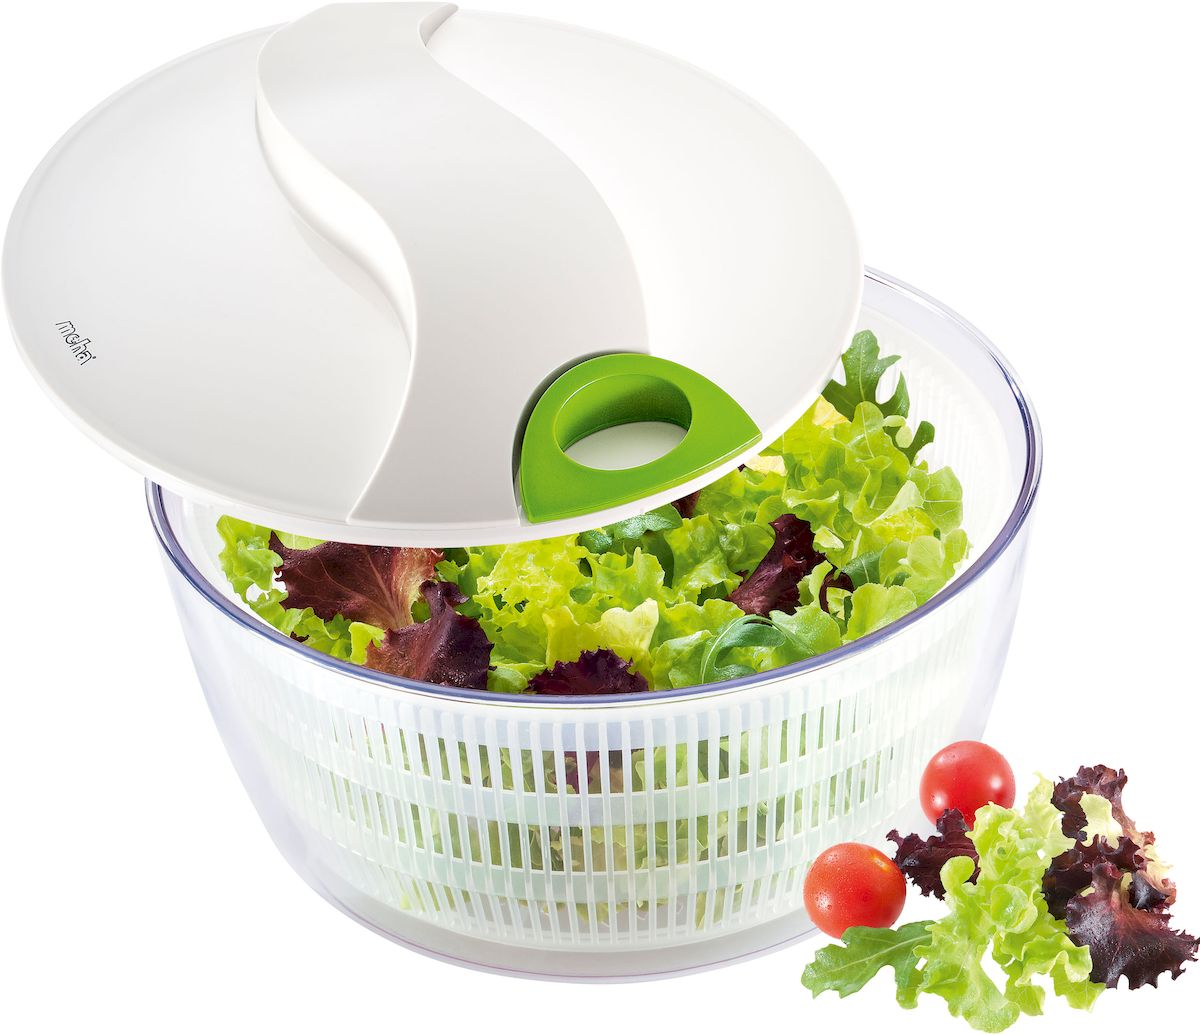 Сушилка для салатных листьев Moha Turby, цвет: белый, диаметр 24 см10405Сушка Moha Turby для салата применяется для удаления влаги с салатов и овощей после мойки. Сушка разбирается, что облегчает его мытье. Плоская крышка обеспечивает удобство хранения емкости в холодильнике, благодаря чему зелень сохраняет свежесть в течение нескольких дней. Легка в применении: поместите зелень в корзину и промойте под проточной водой, поместите корзину в емкость и закройте крышку, возьмите ручку и прокрутите ручку. Корзина внутри начнет вращаться. В процессе вращения с зелени устраняются остатки воды и загрязнений. Остановите вращение. Ваша зелень готова к употреблению.Сито можно использовать как дуршлаг.